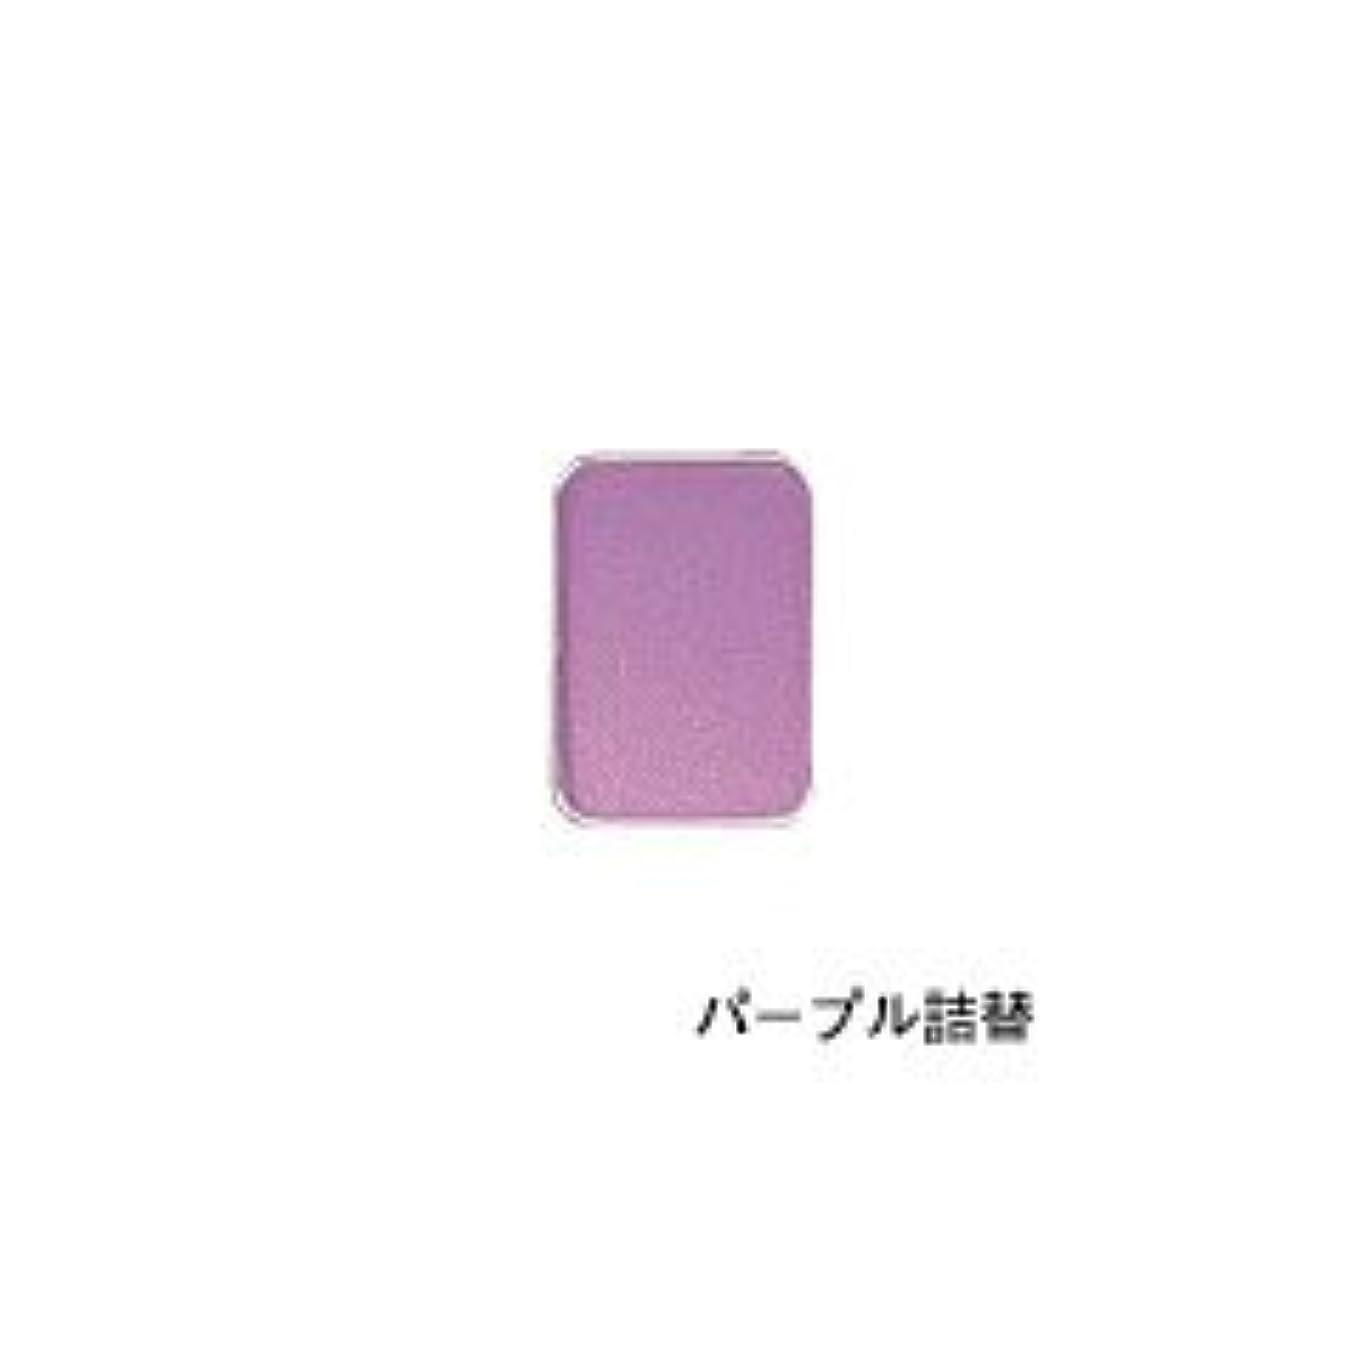 リマナチュラル ピュアアイカラー 詰替用 パープル×2個       JAN:4514991230446